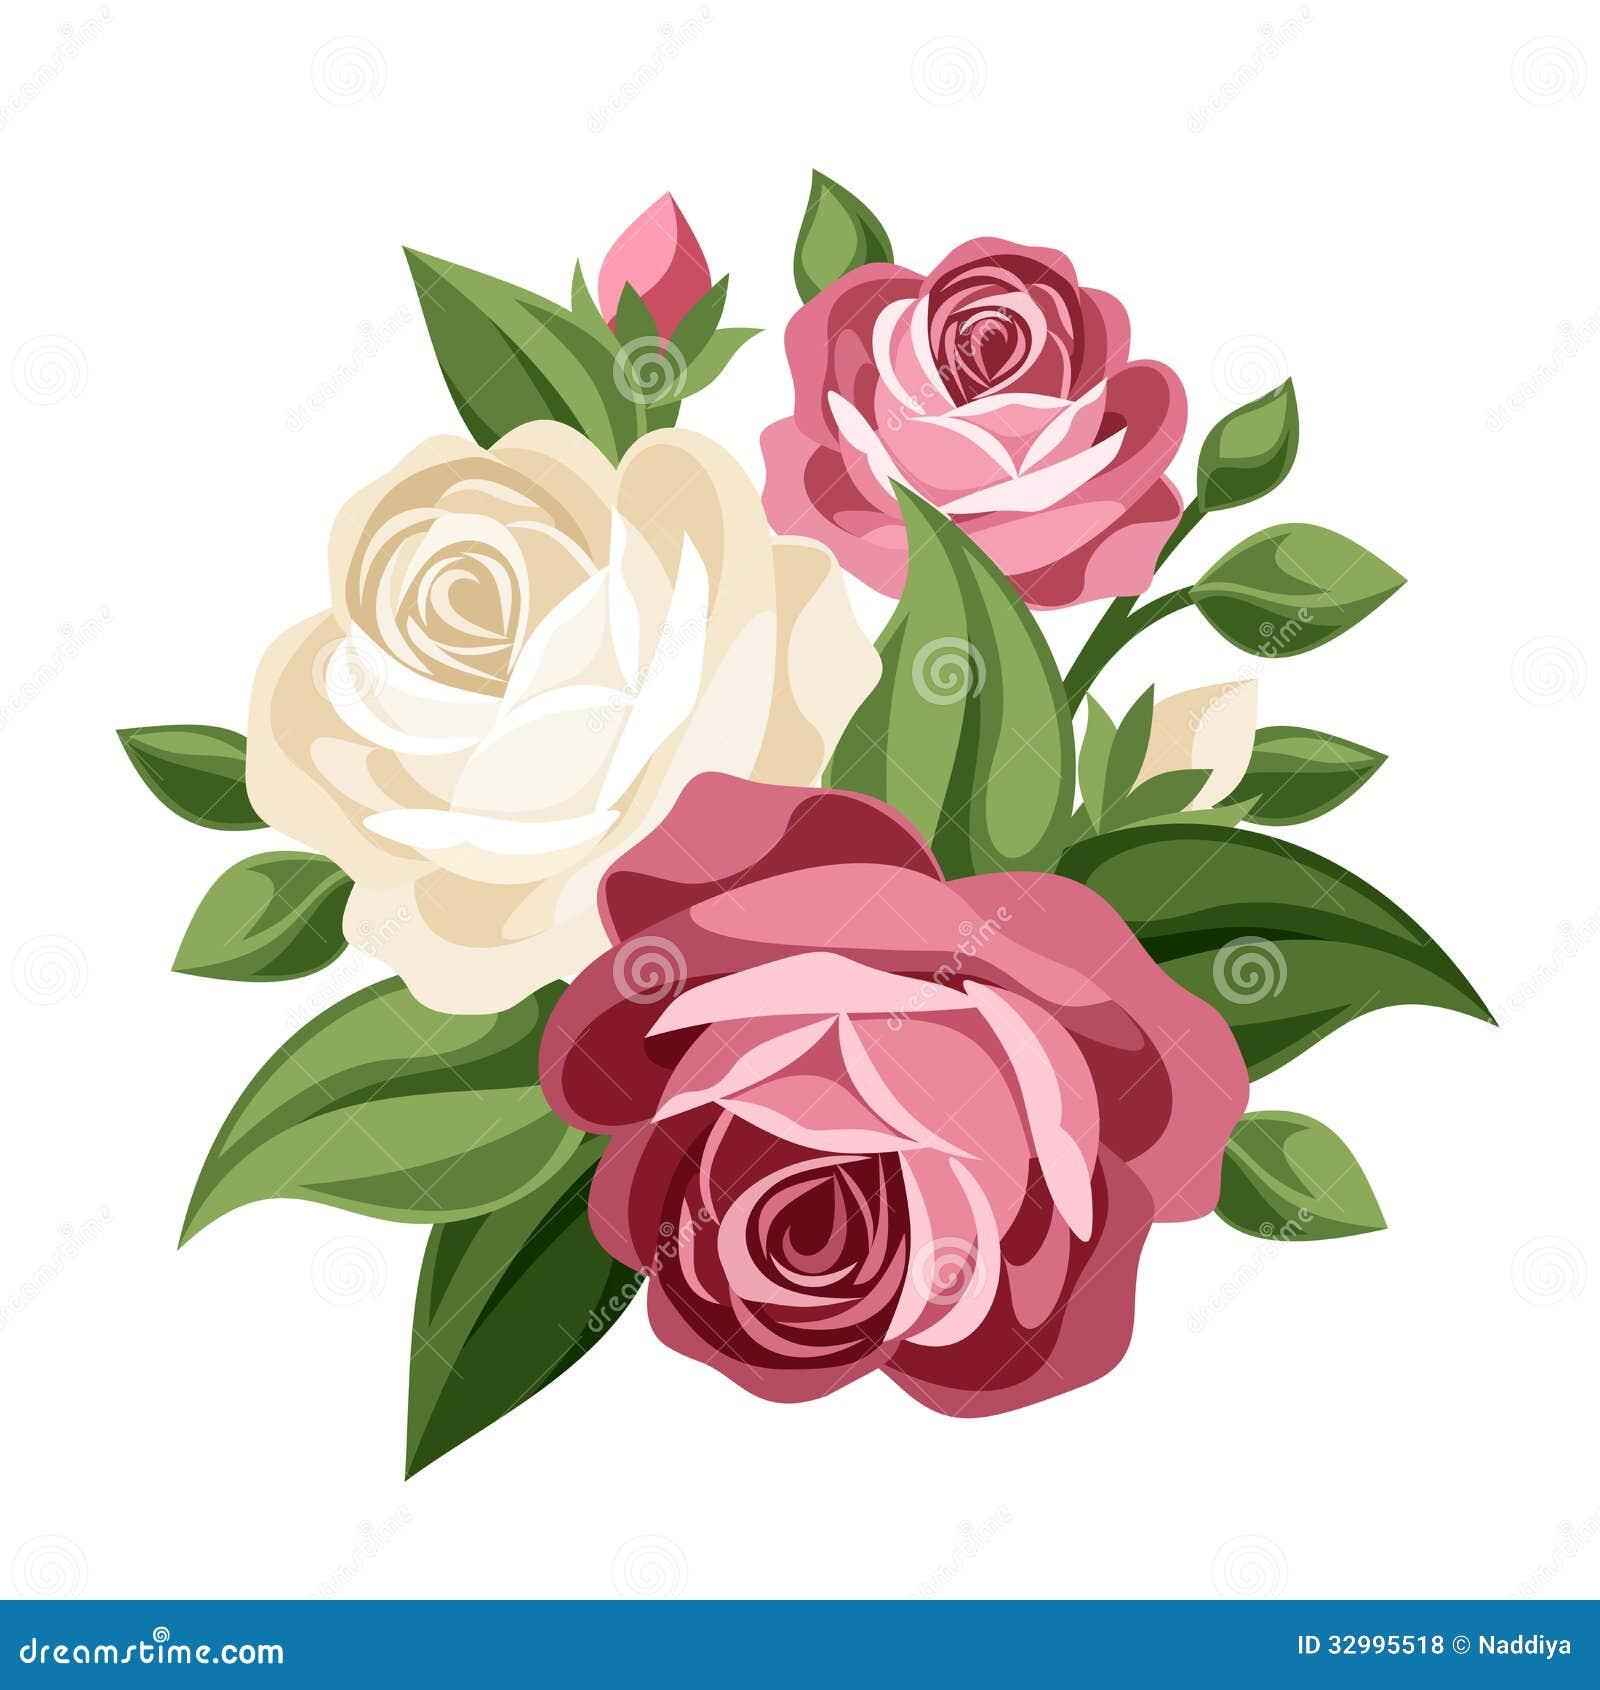 Ρόδινα και άσπρα εκλεκτής ποιότητας τριαντάφυλλα.